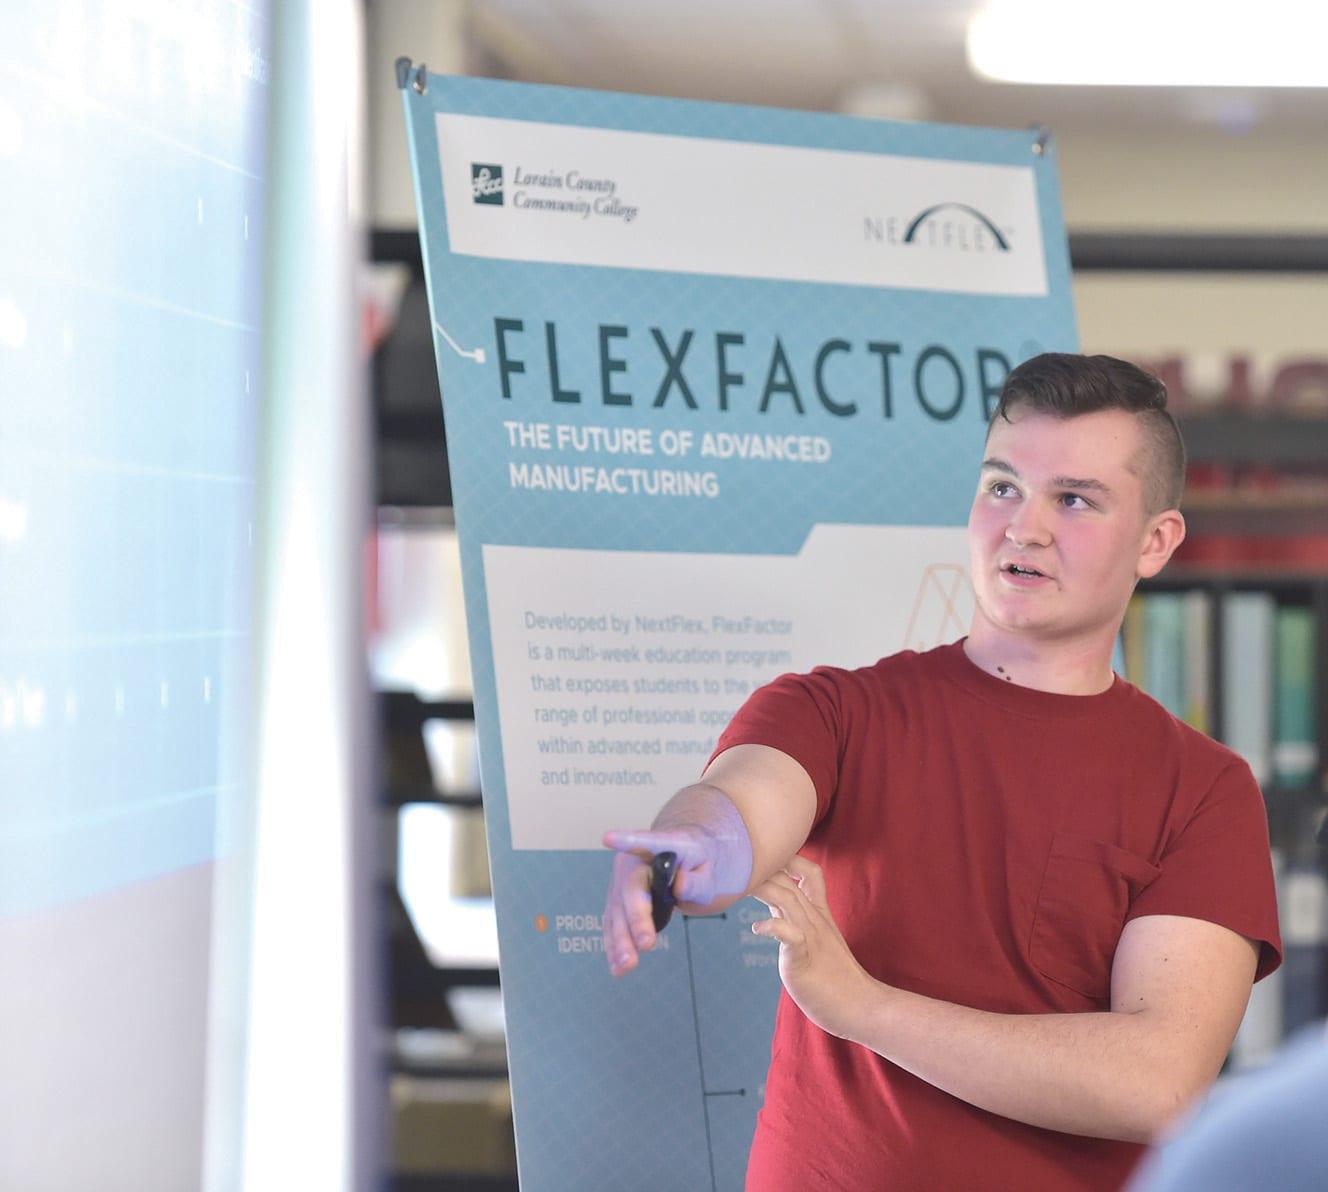 FlexFactor Presentation